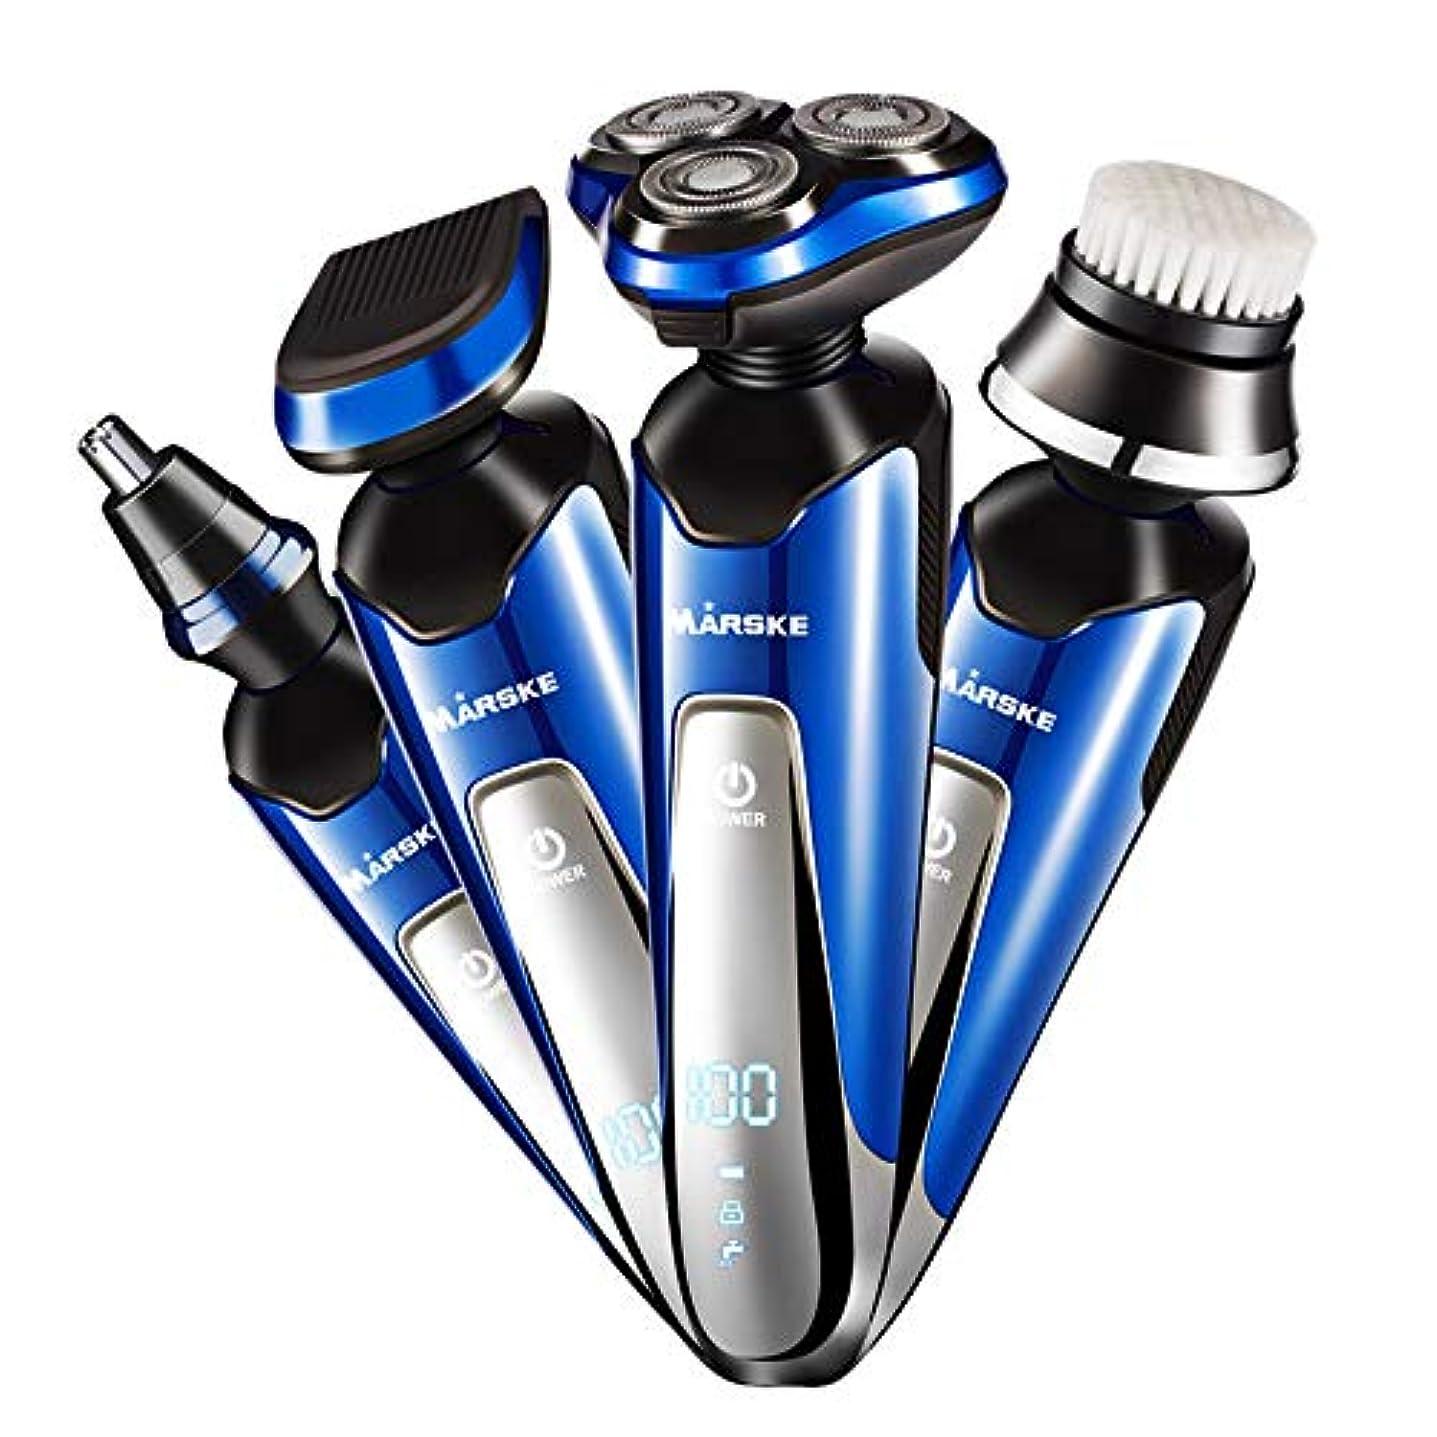 グラフ病なめったにシェーバー 電動シェーバー 電気シェーバー 髭剃り 4in1多機能 電動ひげそり 電動バリカン 鼻毛カッター 洗顔ブラシ付き 回転式ロータ USB充電式 IPX7防水 丸洗い可